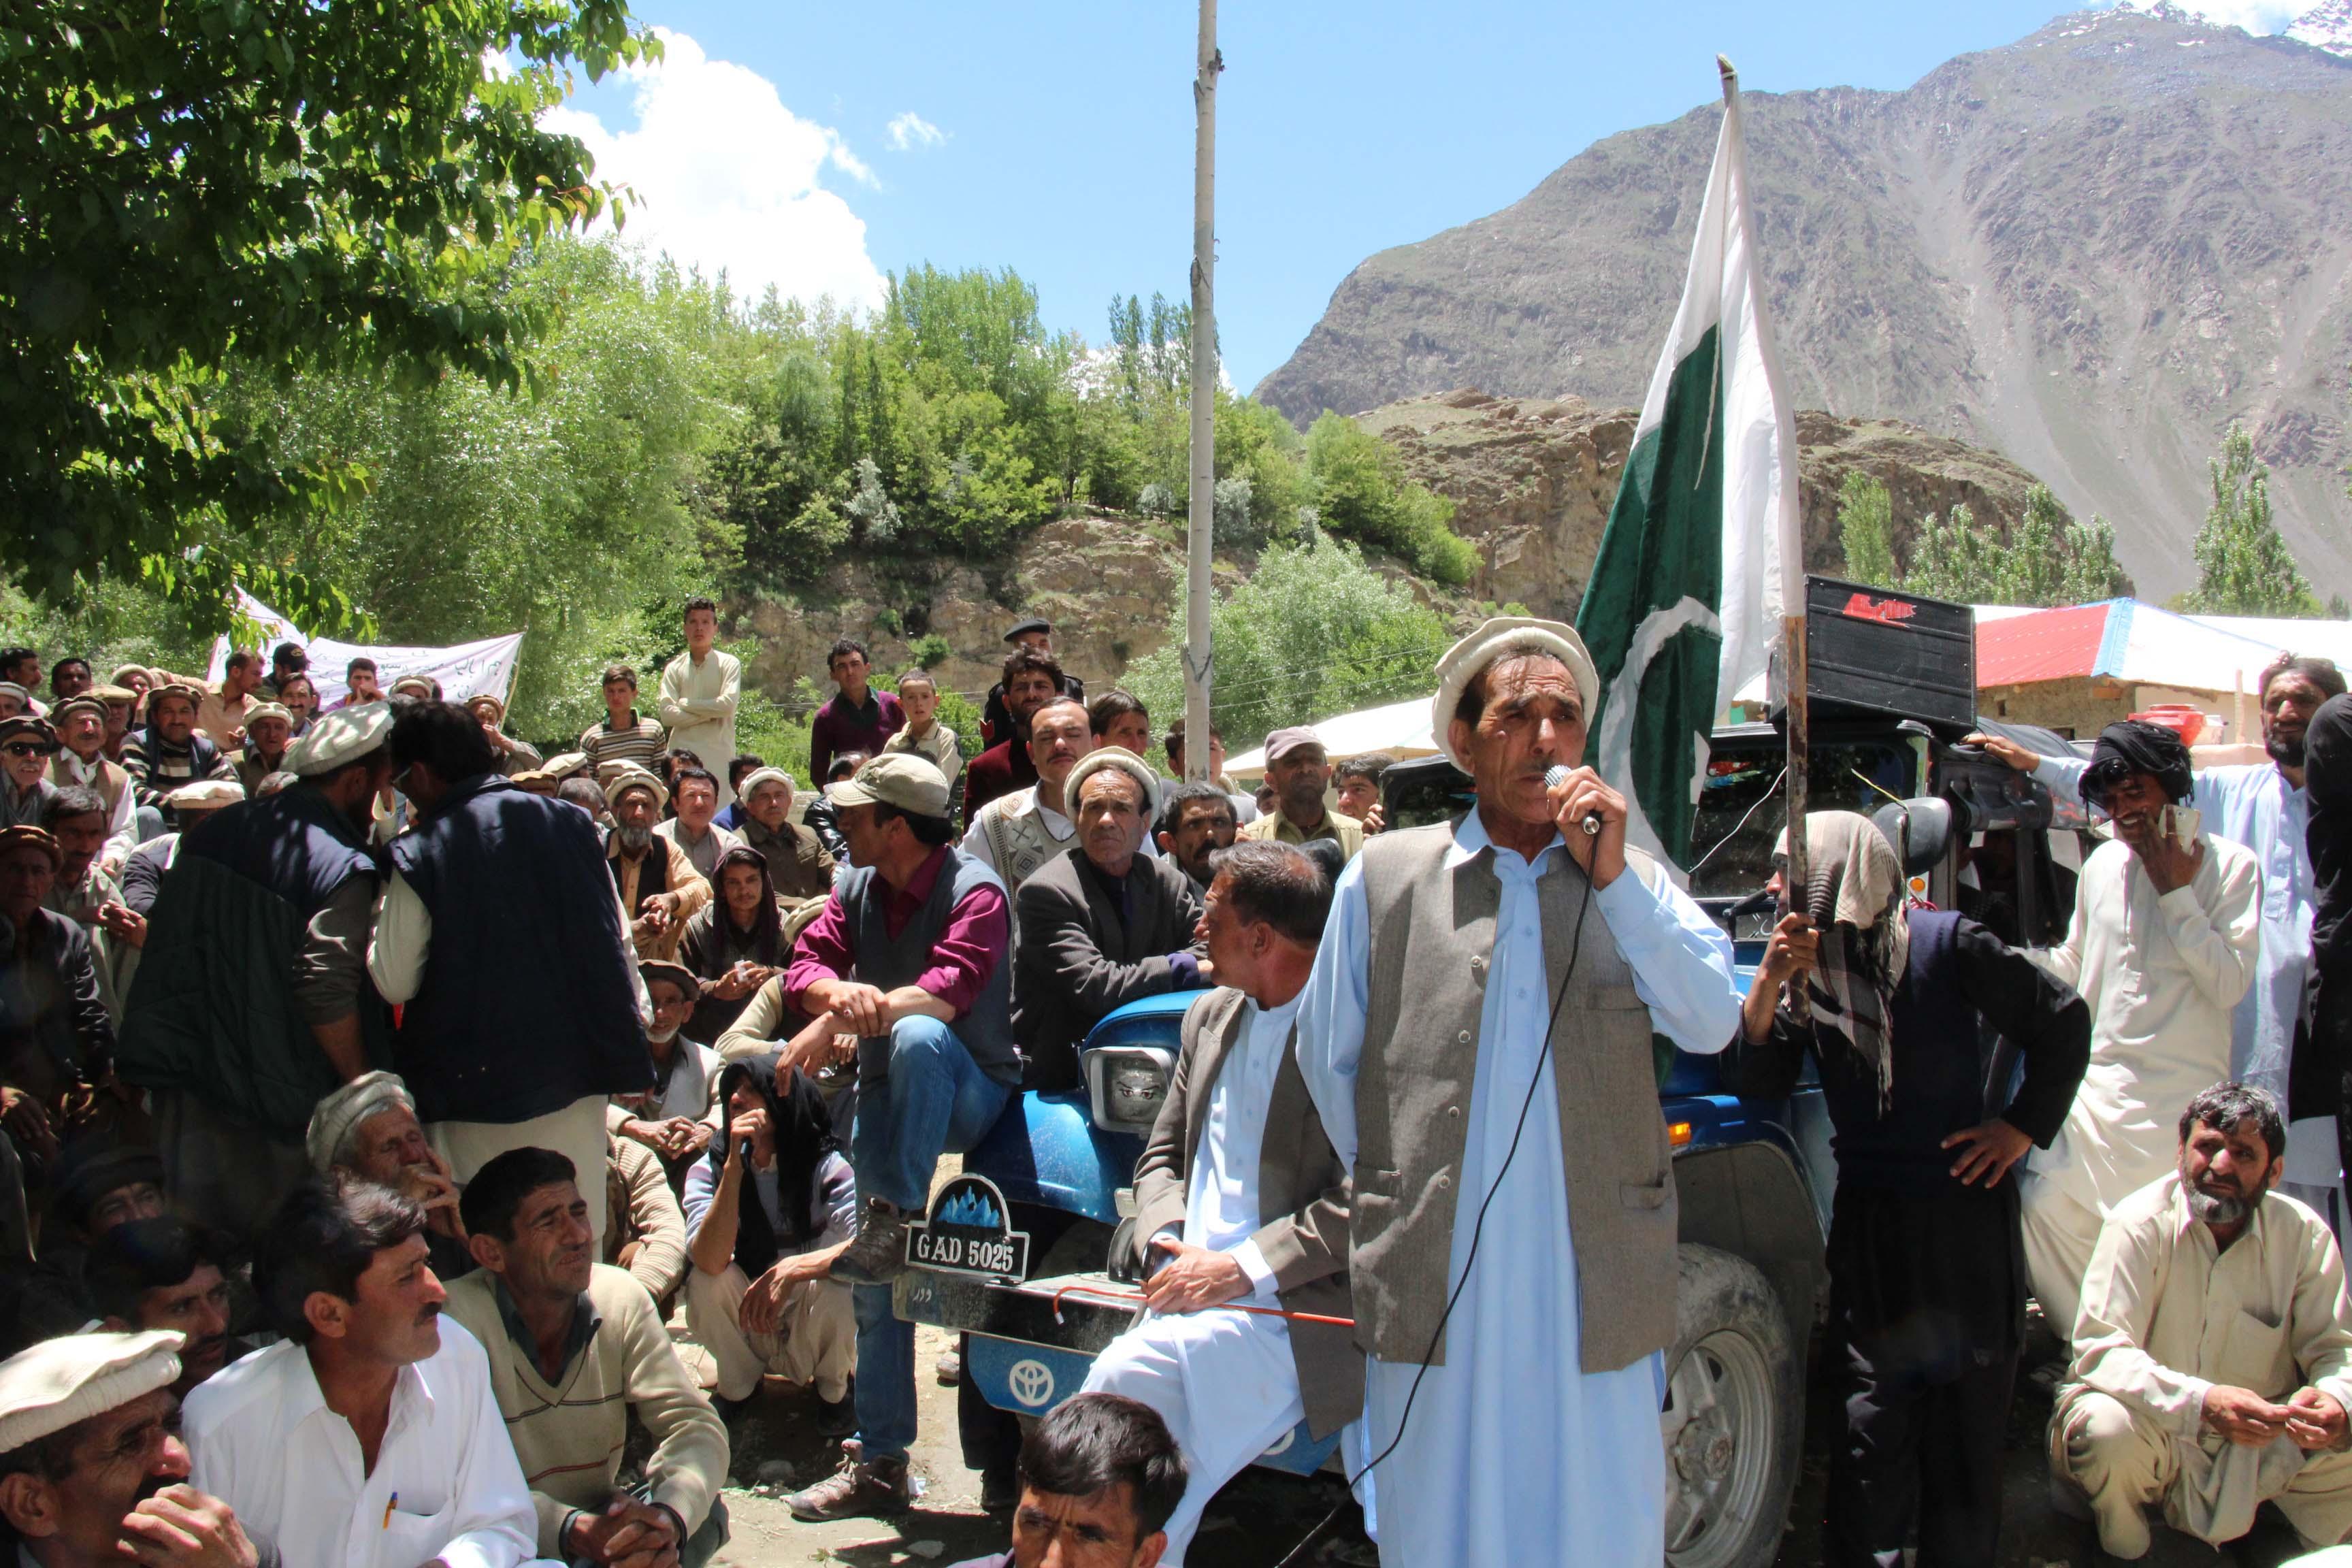 مستوج میں ہزاروں زلزلہ اور سیلاب متاثرین کا حکومت کے حلاف احتجاجی دھرنا